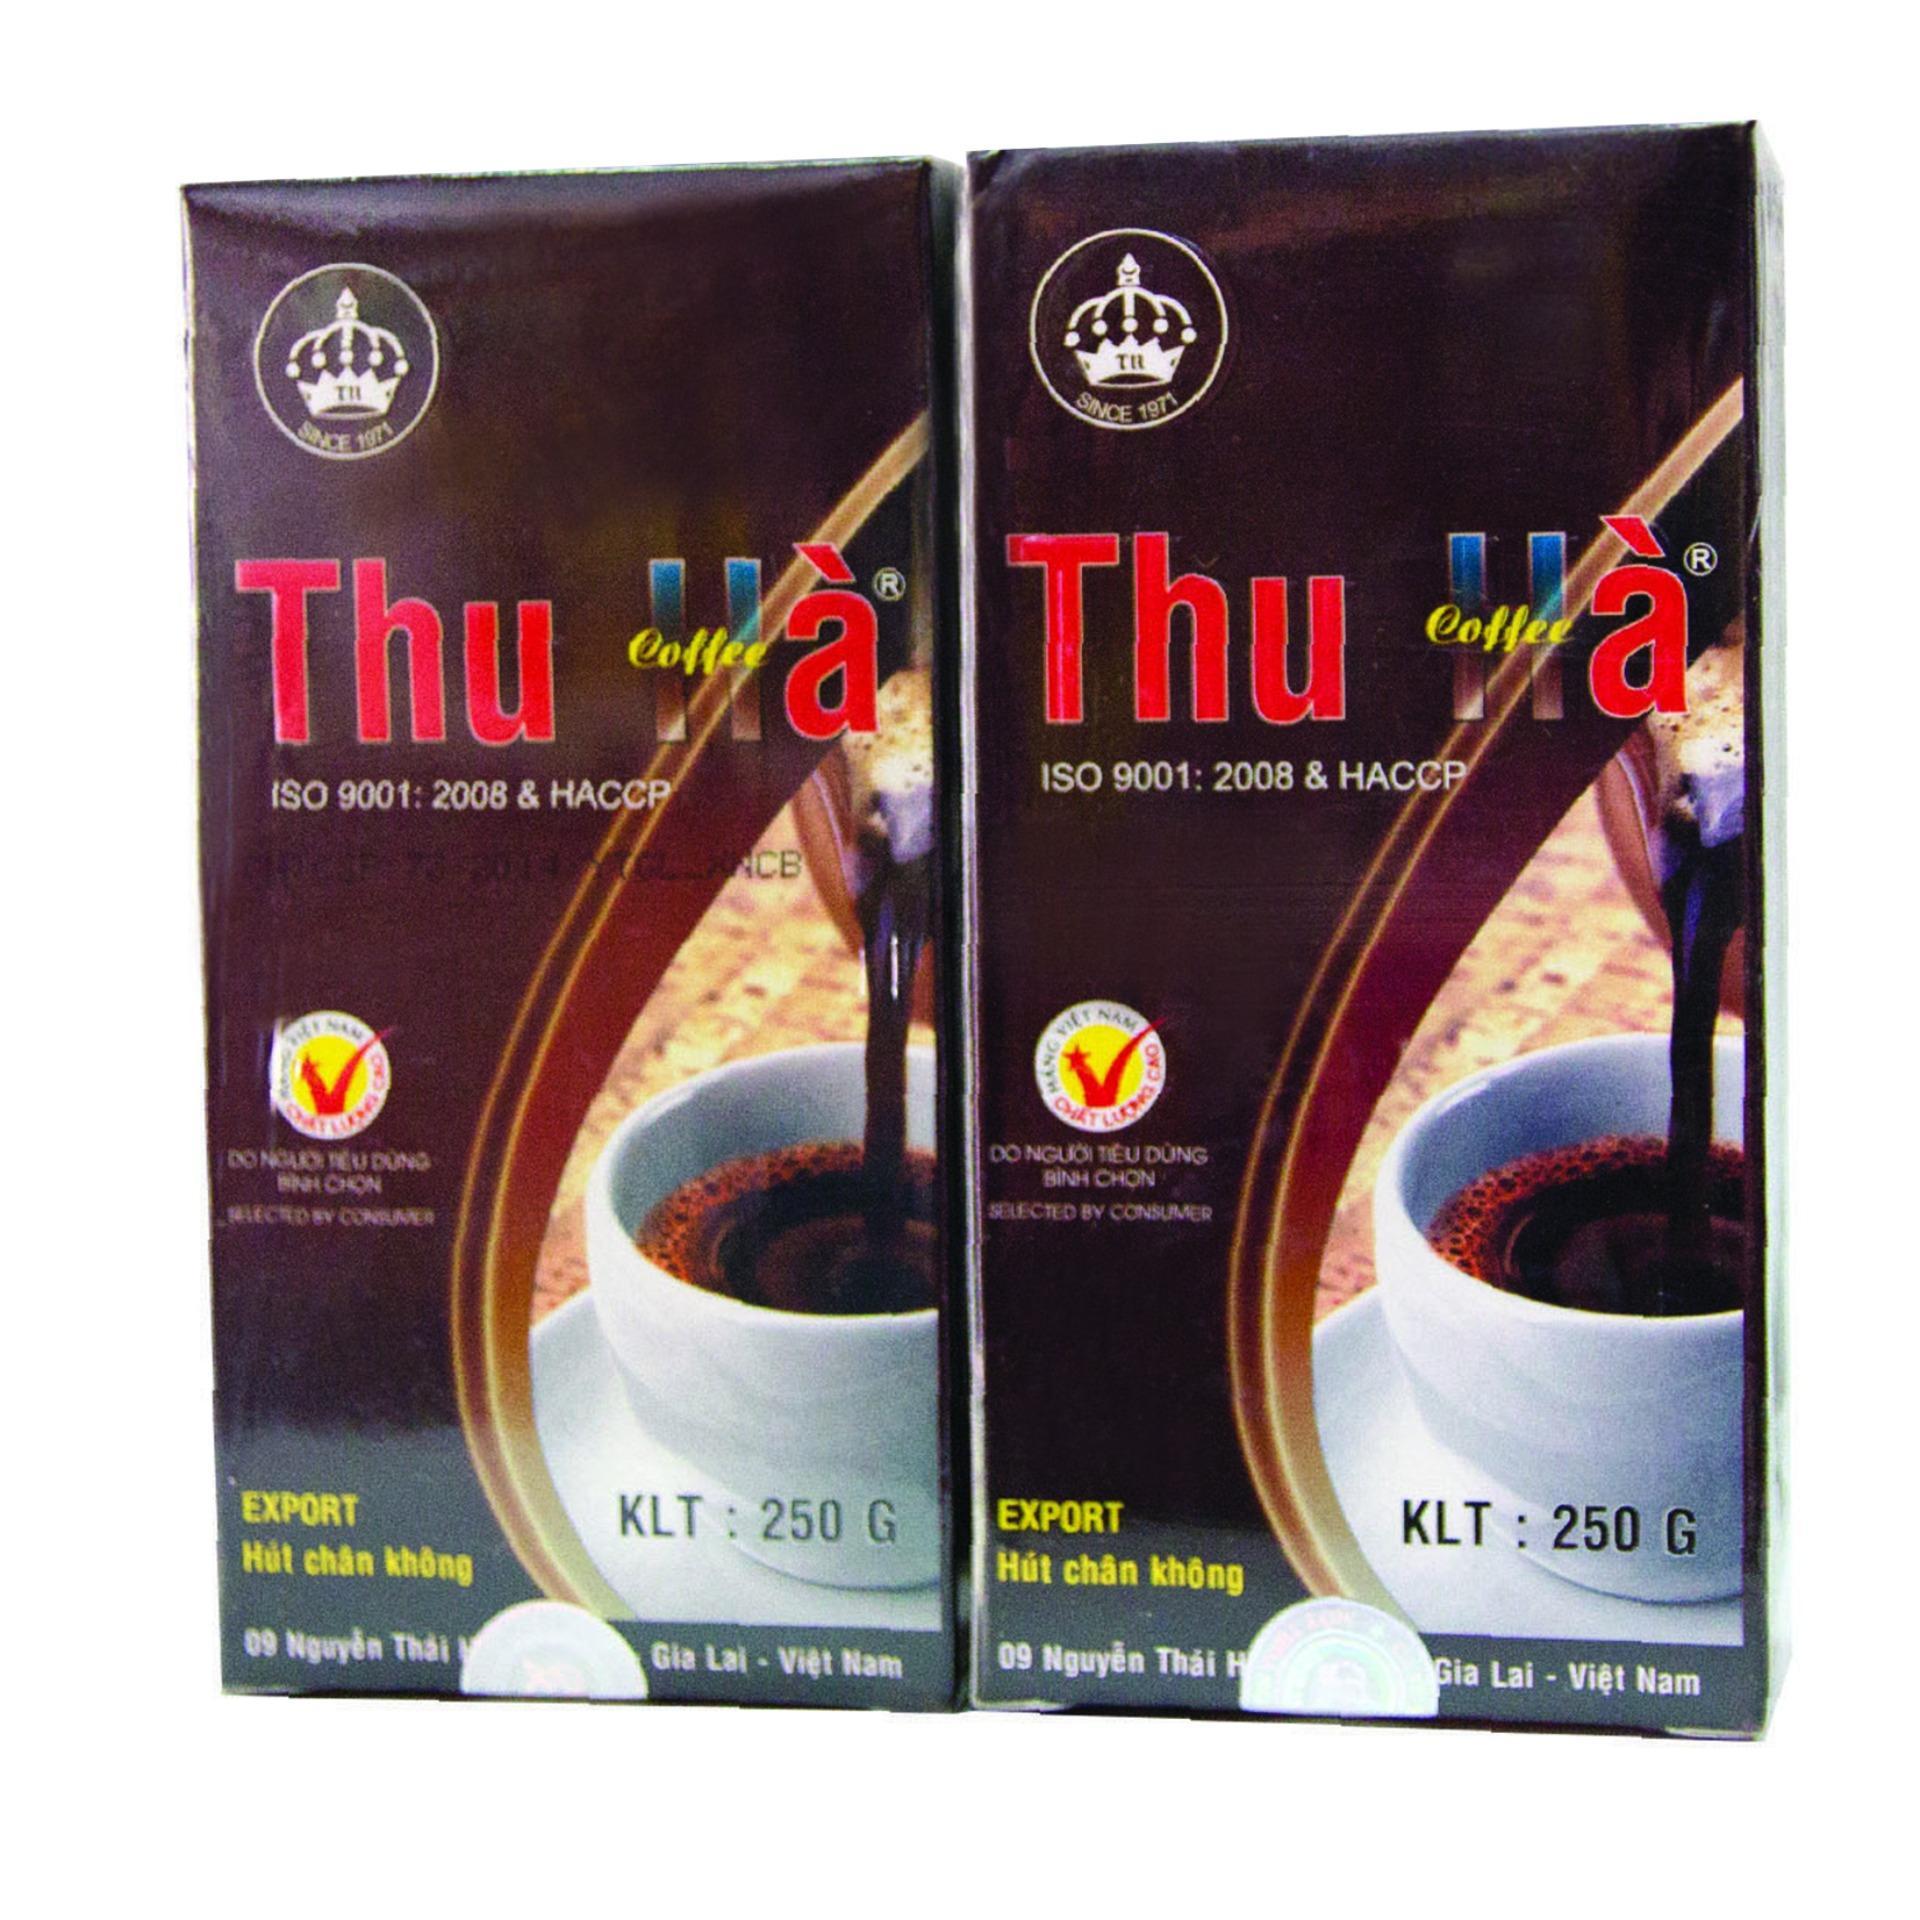 Cà phê Thu Hà Đăc Biệt Thượng Hạng 250g